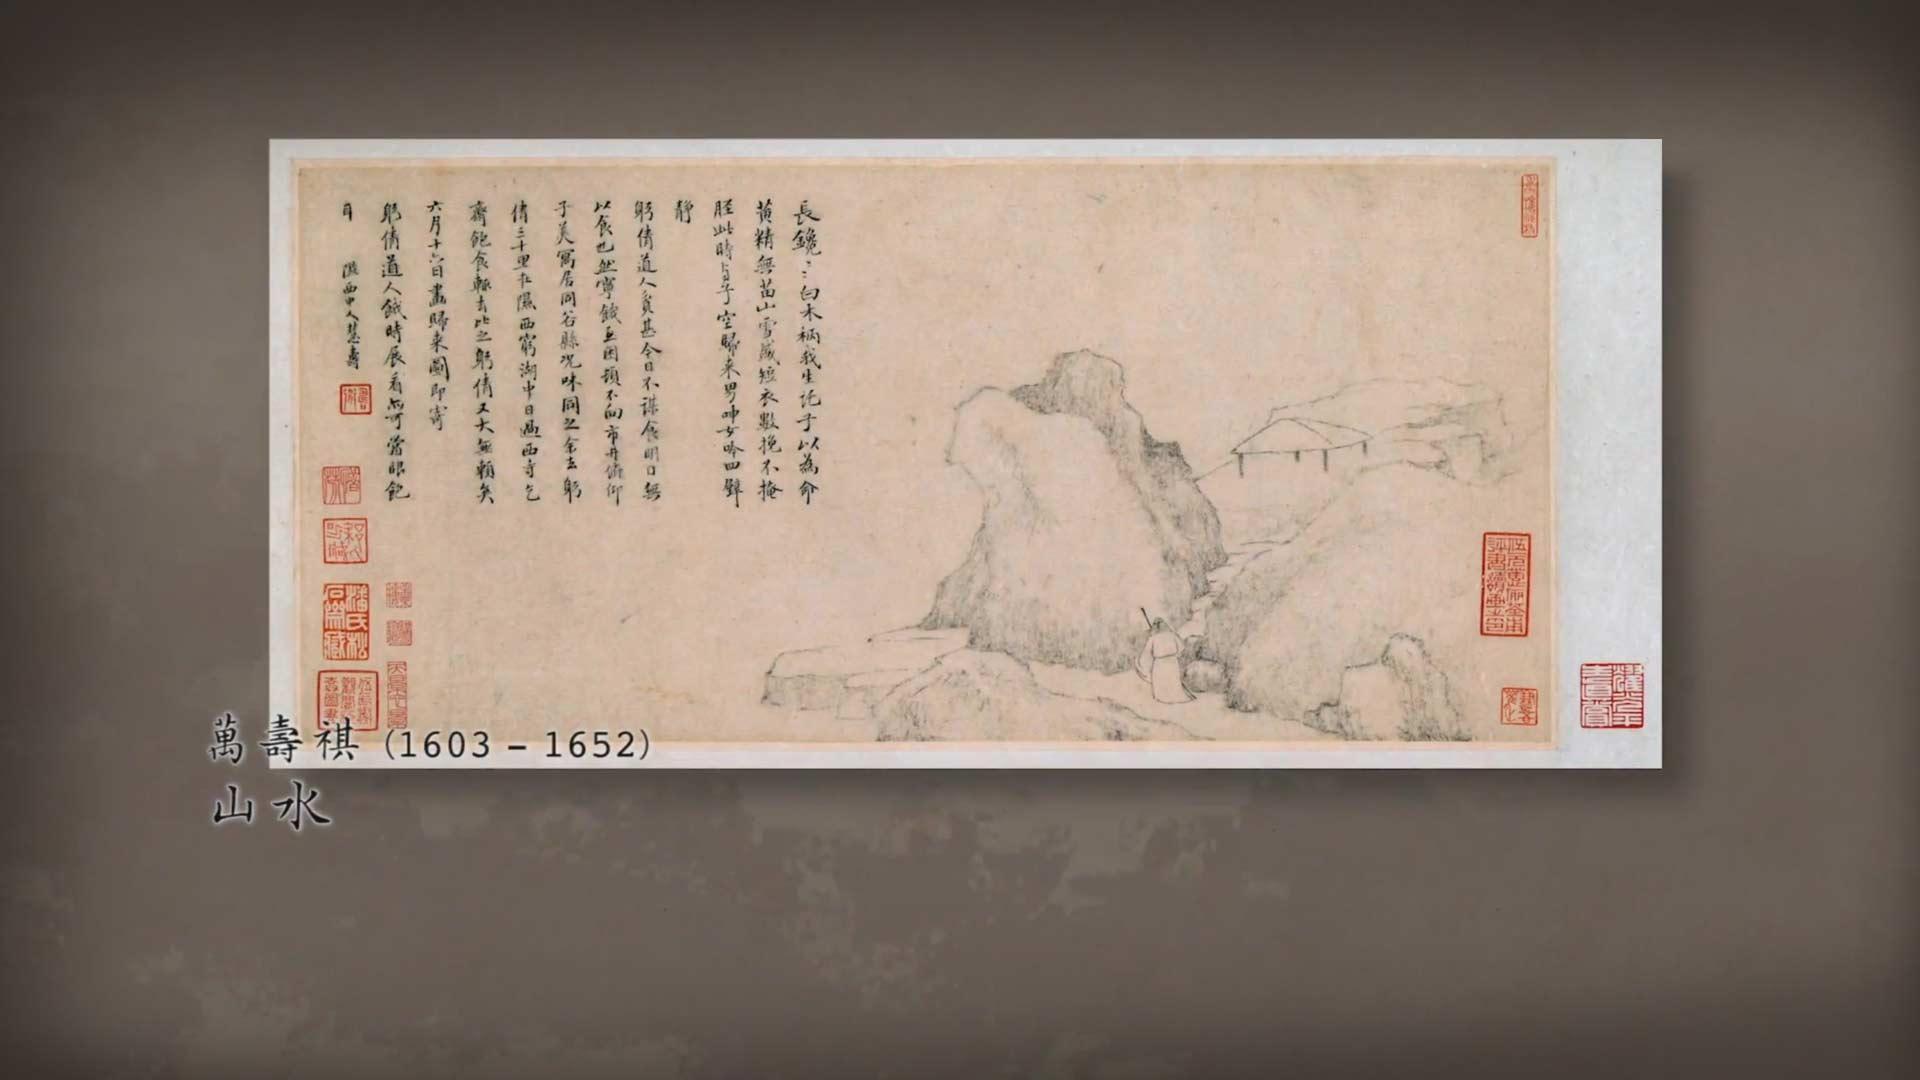 《呼吸美学-中国古画赏析》- 枯笔淡墨 (2021) <p>画作提供:香港艺术馆至乐楼藏画</p>